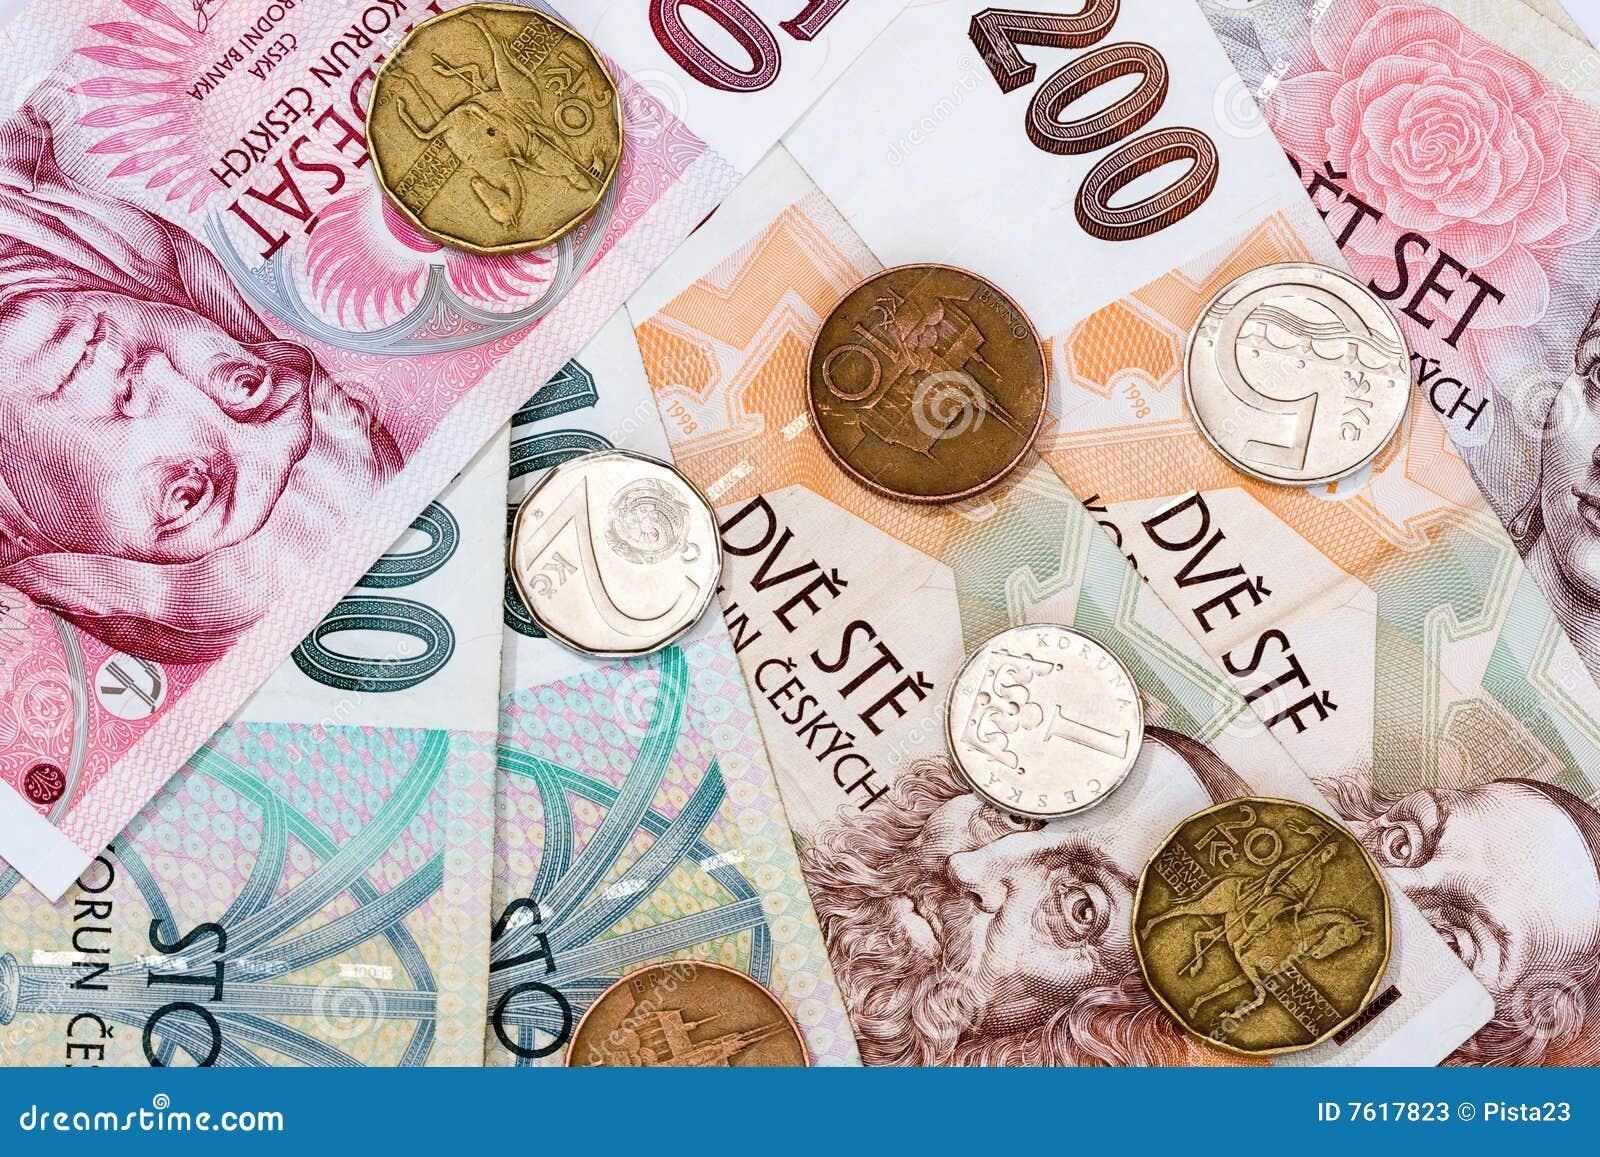 Чехия за деньги девочки 3 фотография